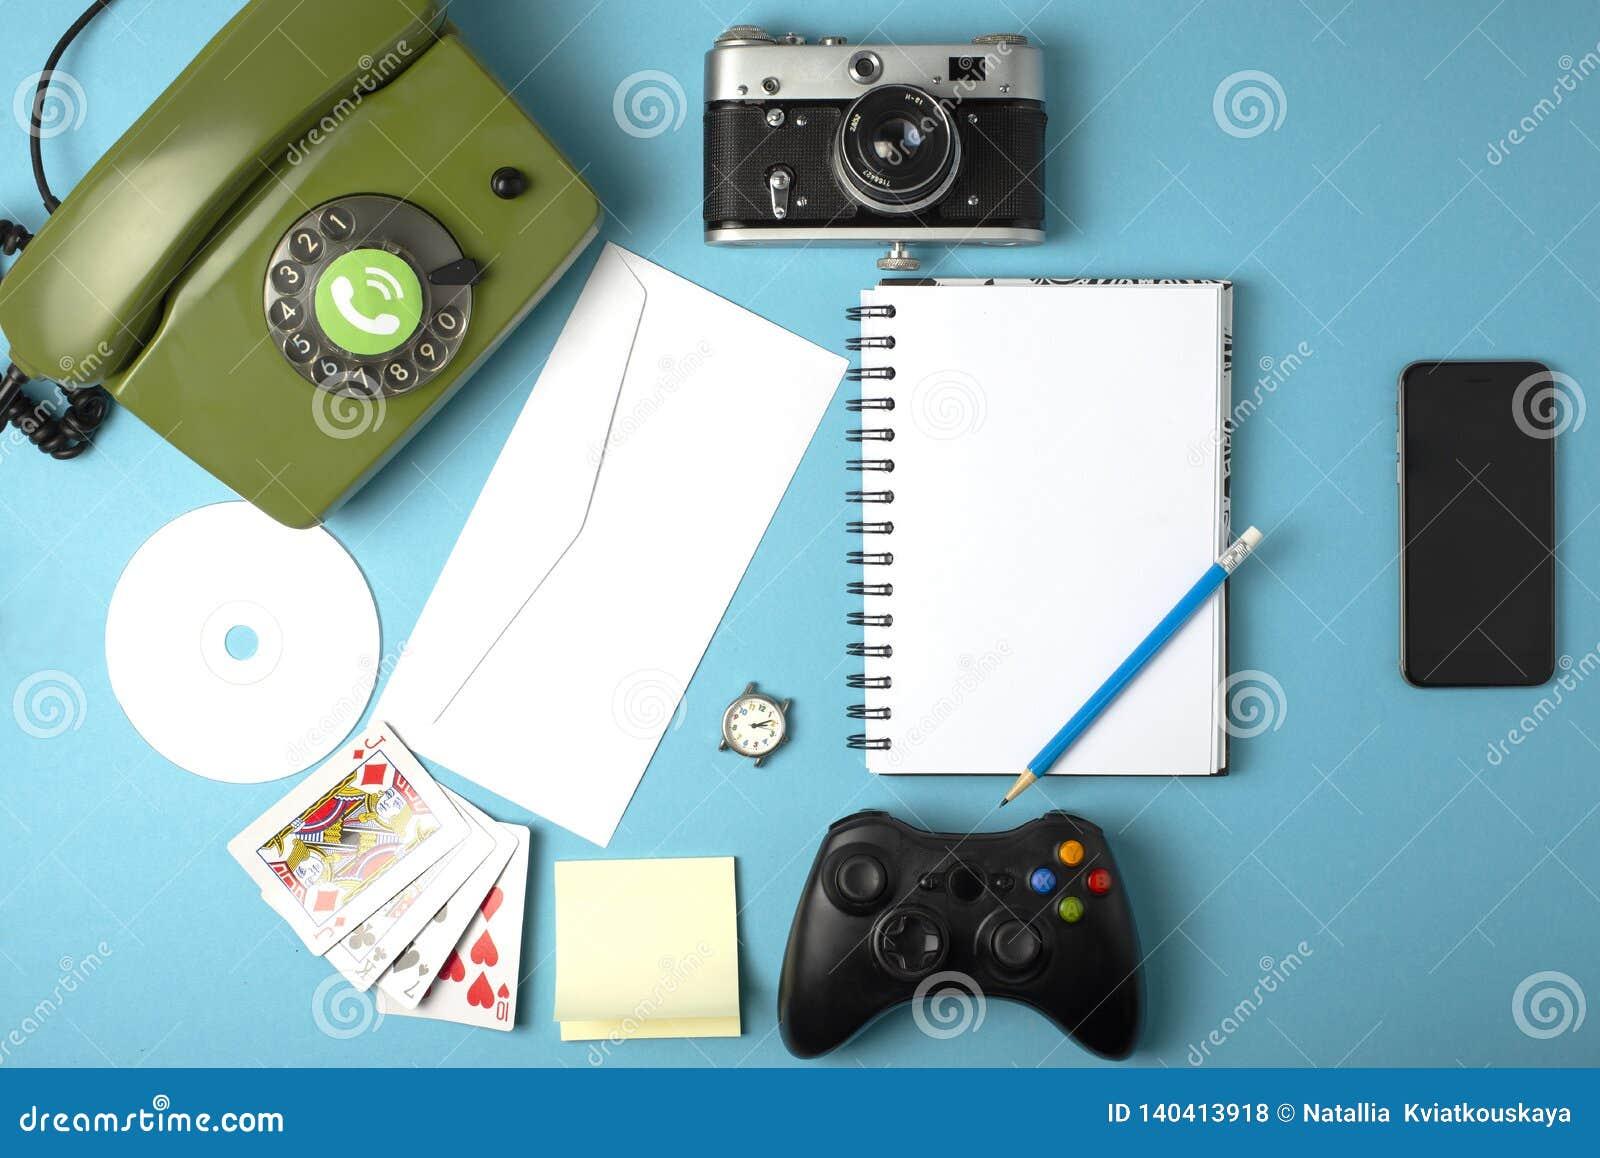 Livre, horloge, caméra, téléphone, jeu, carnet, CD, crayon combiné dans un téléphone portable Concept sur un fond de couleur